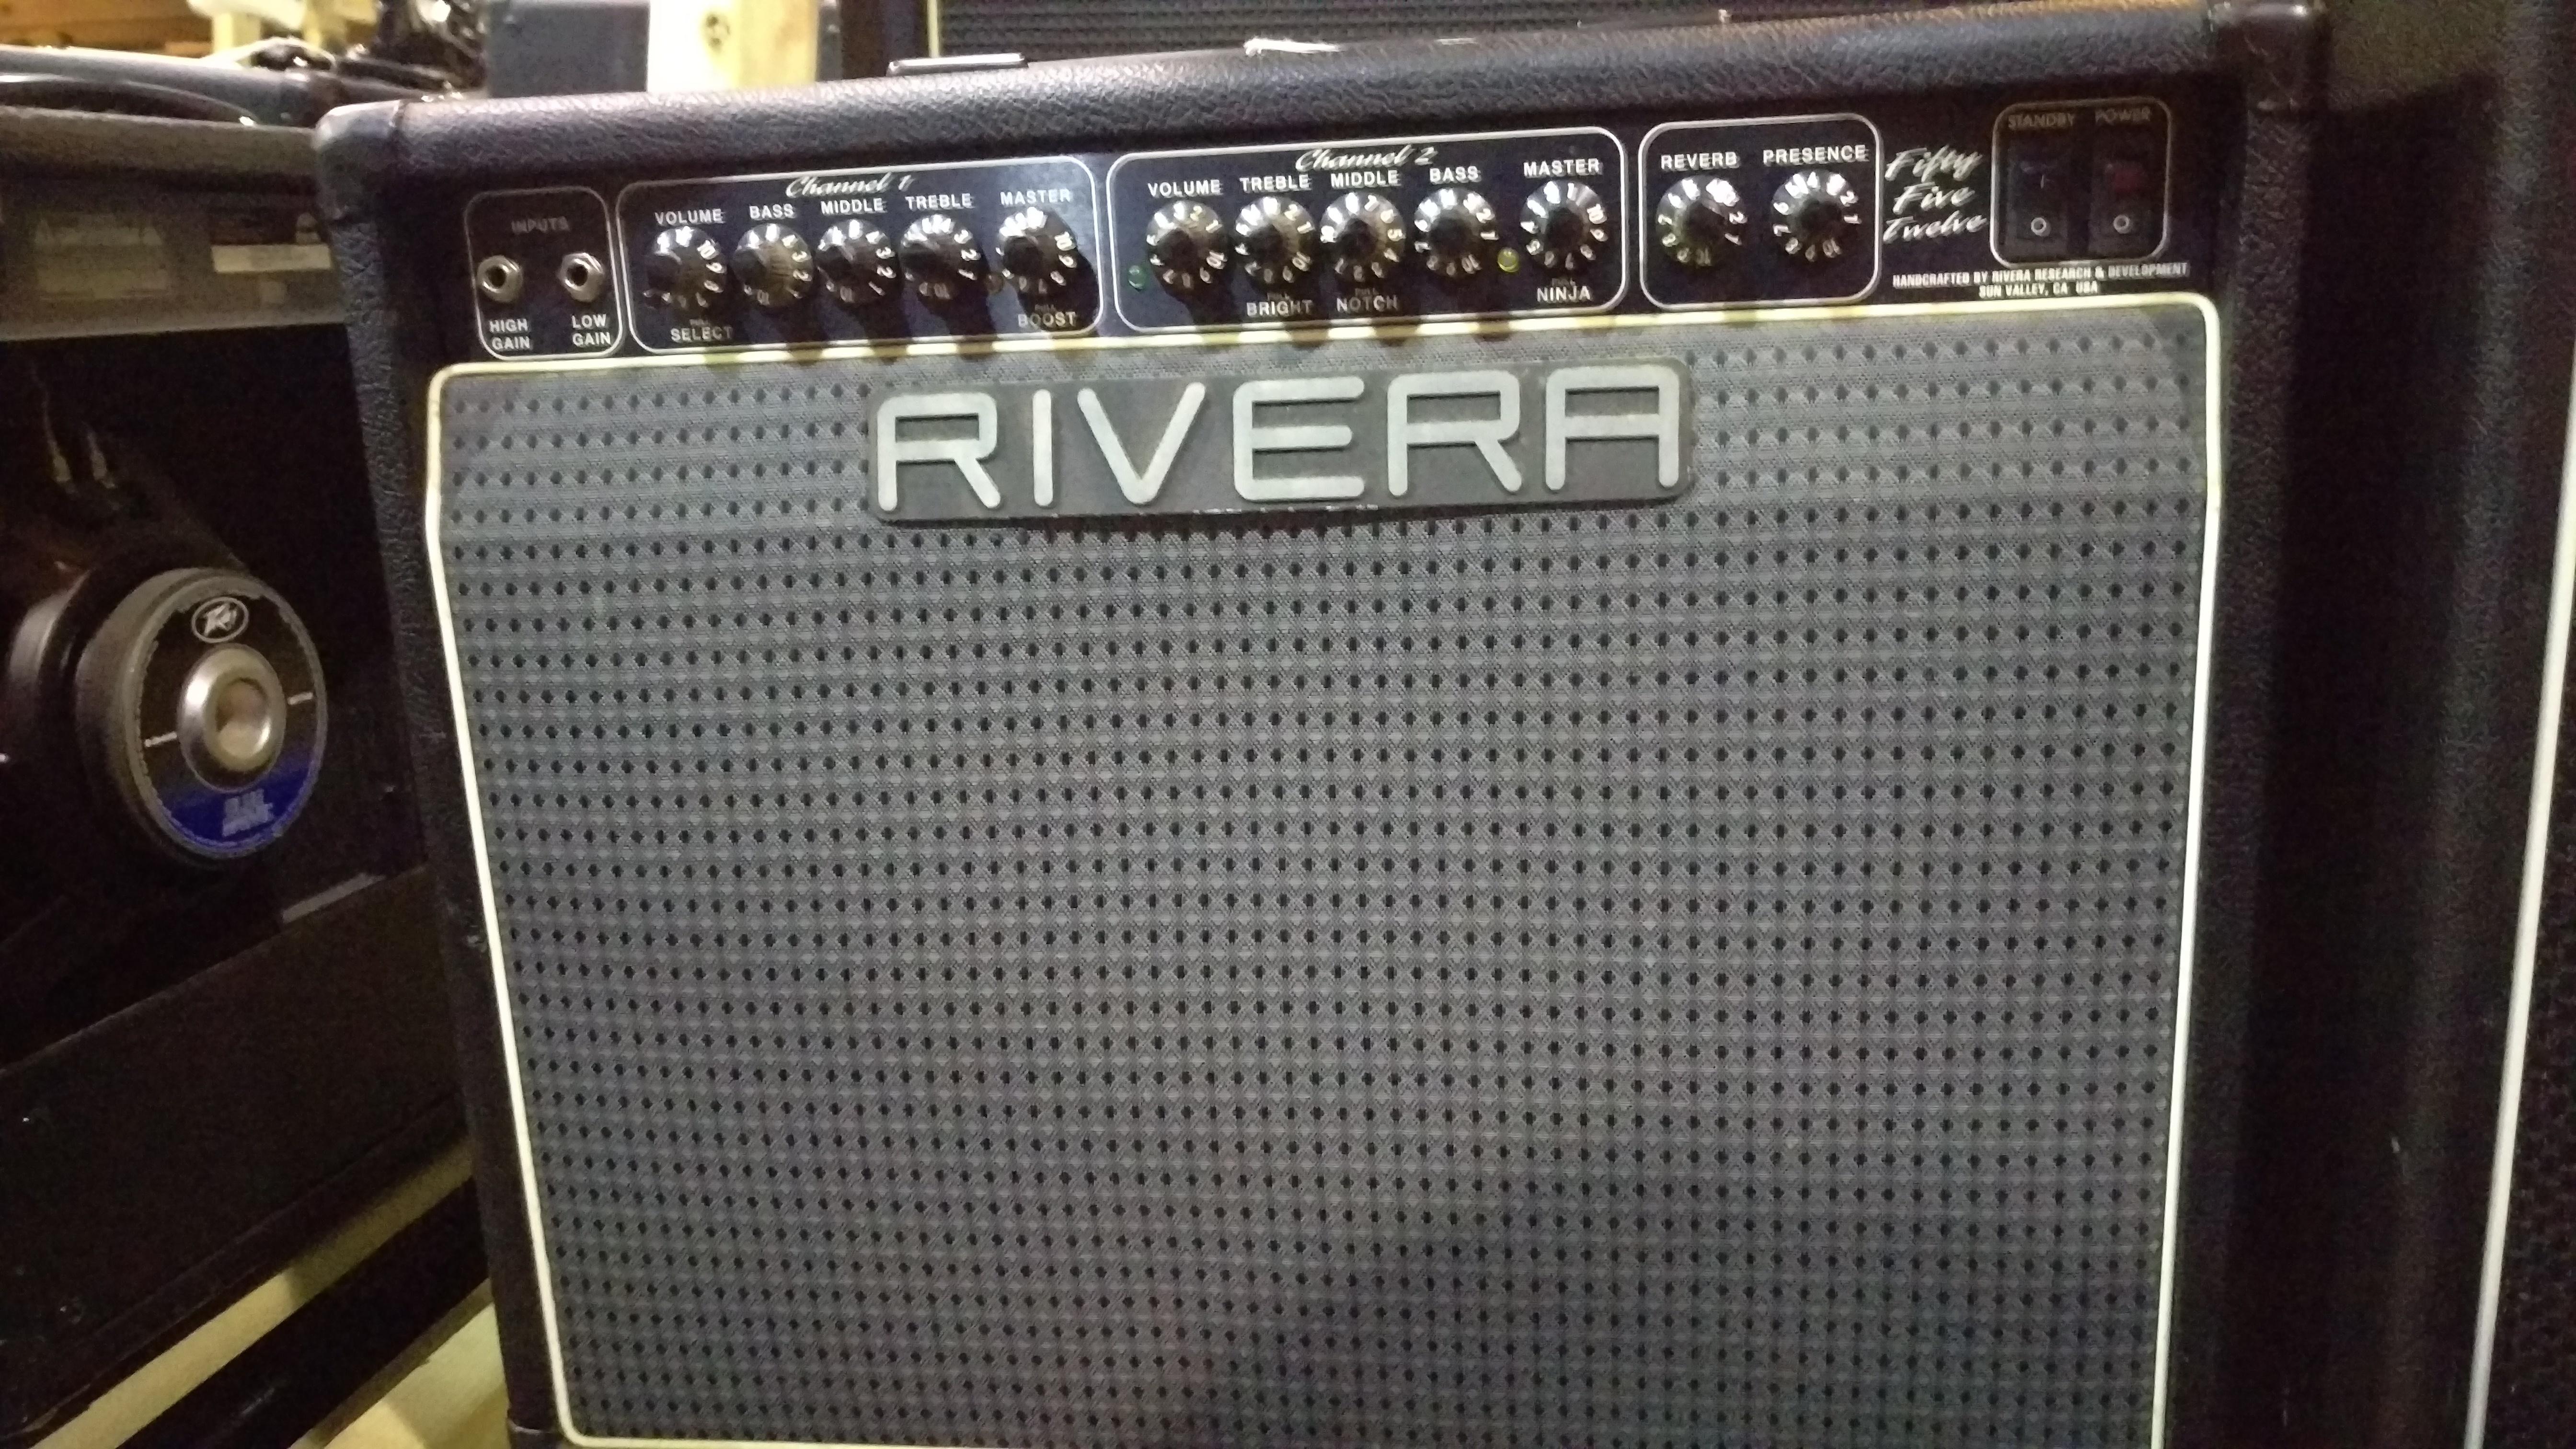 RIVERA FIFTY FIVE TWELVE 1X12 Guitar Combo Amplifier